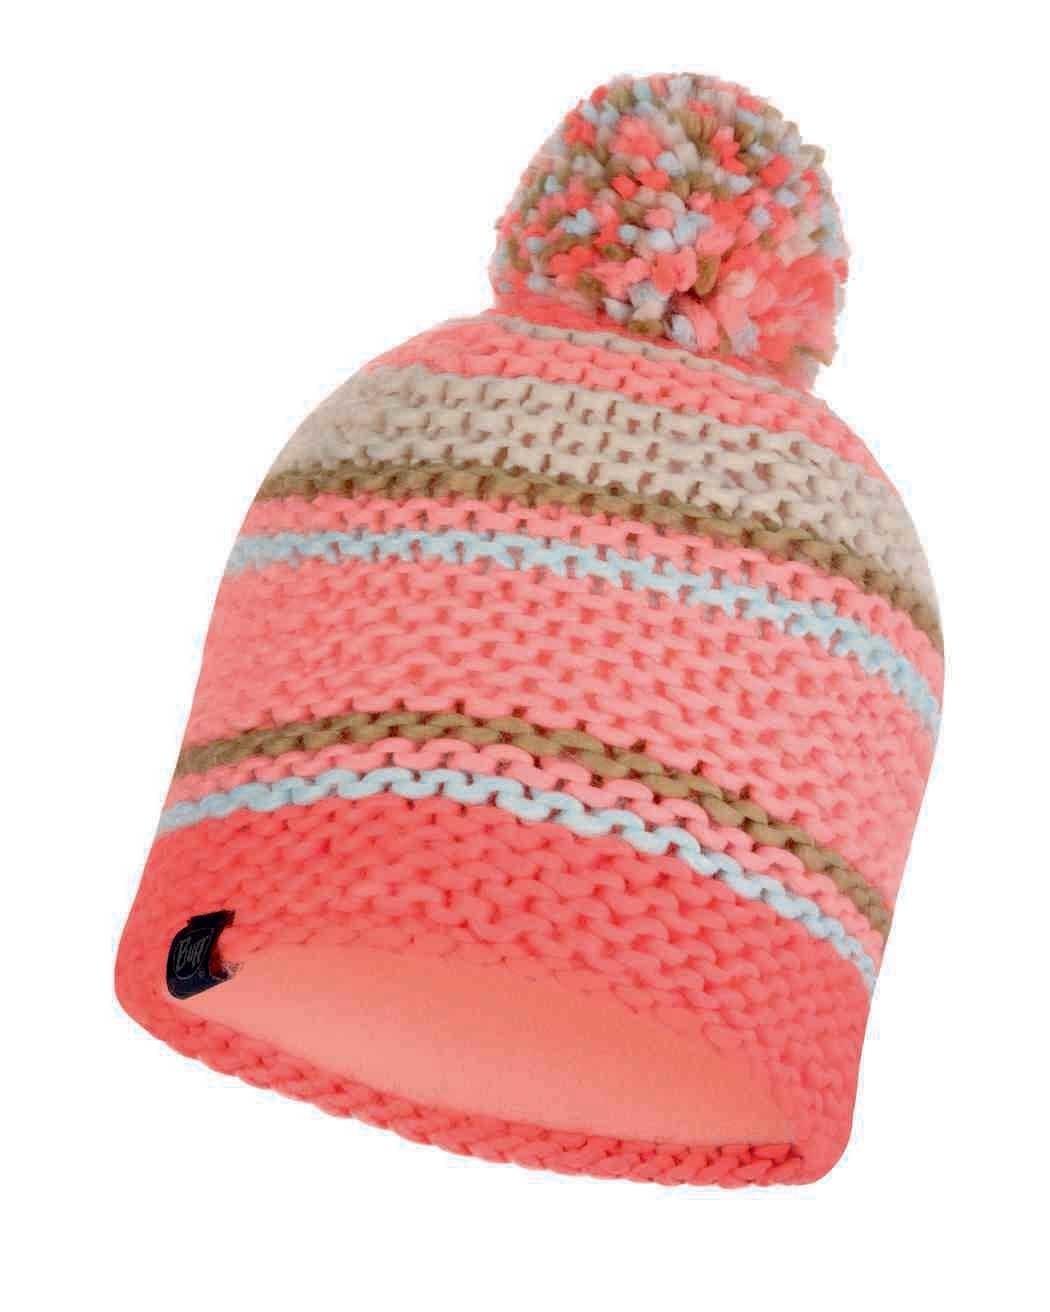 Шапки с помпоном Вязаная шапка с флисовой подкладкой Buff Hat Knitted Polar Dorian Coral Pink 116024.506.10.00.jpg